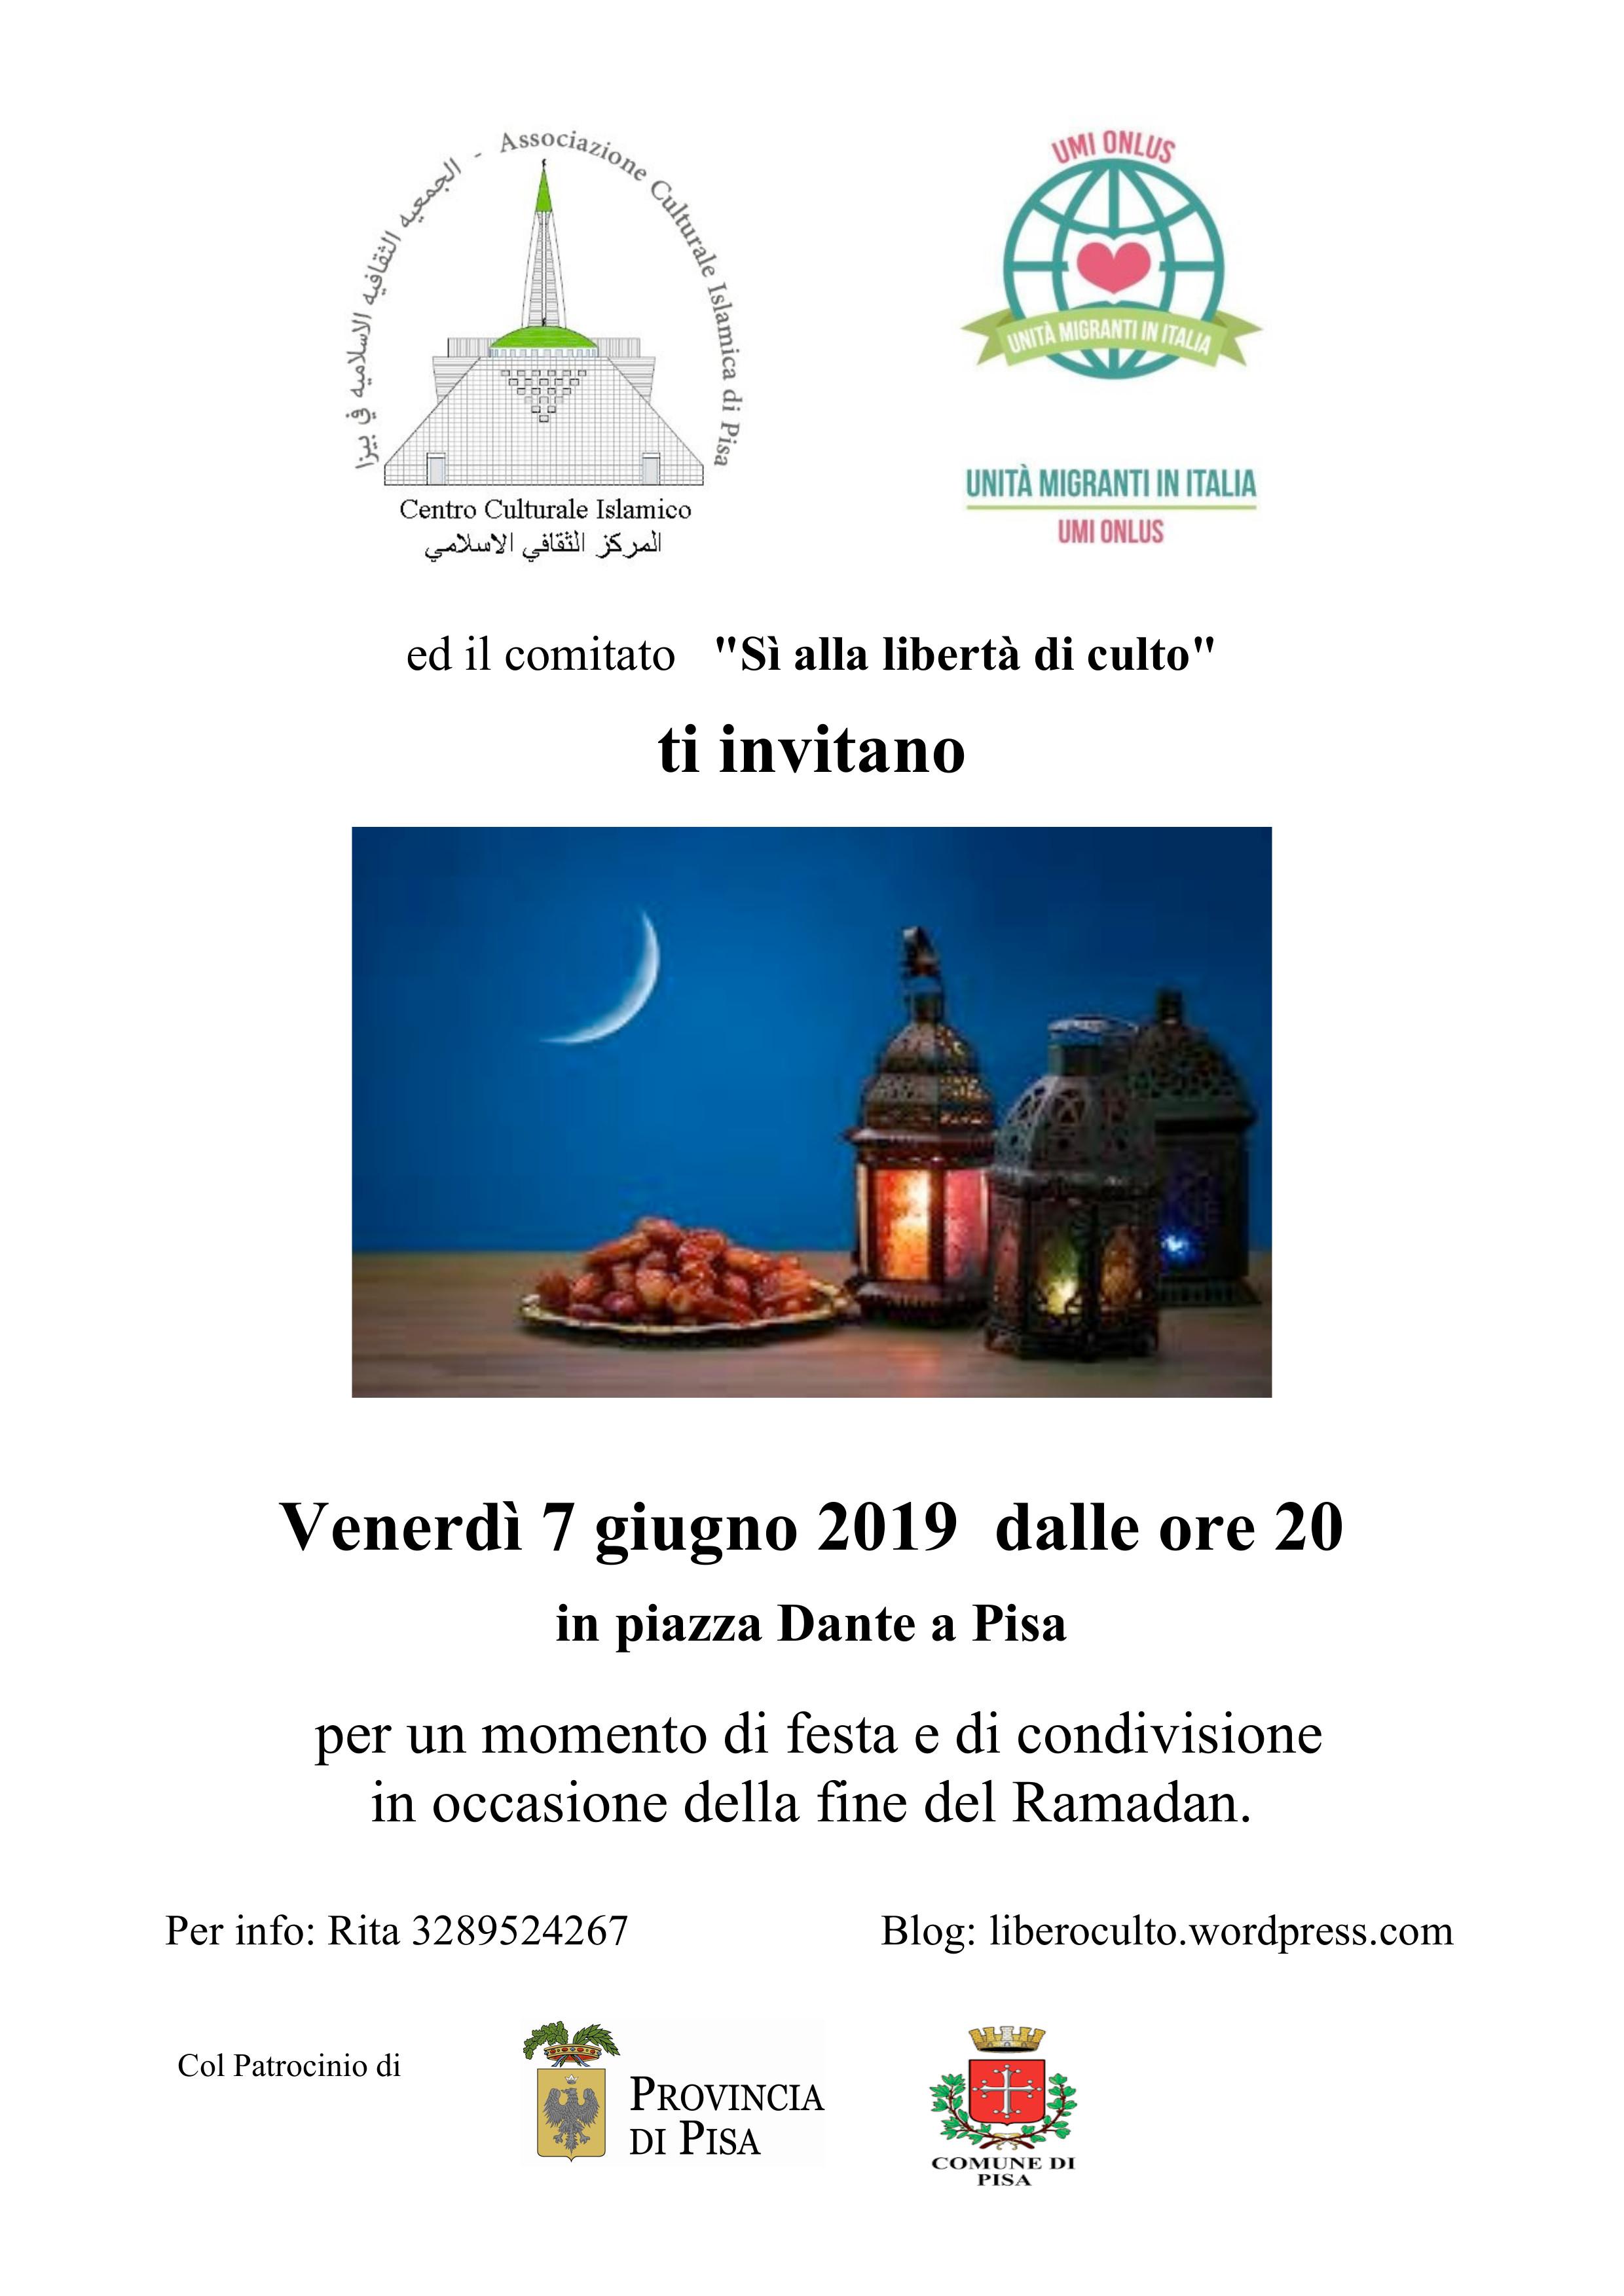 7 Giugno – Festa per la fine del Ramadan @ Piazza Dante